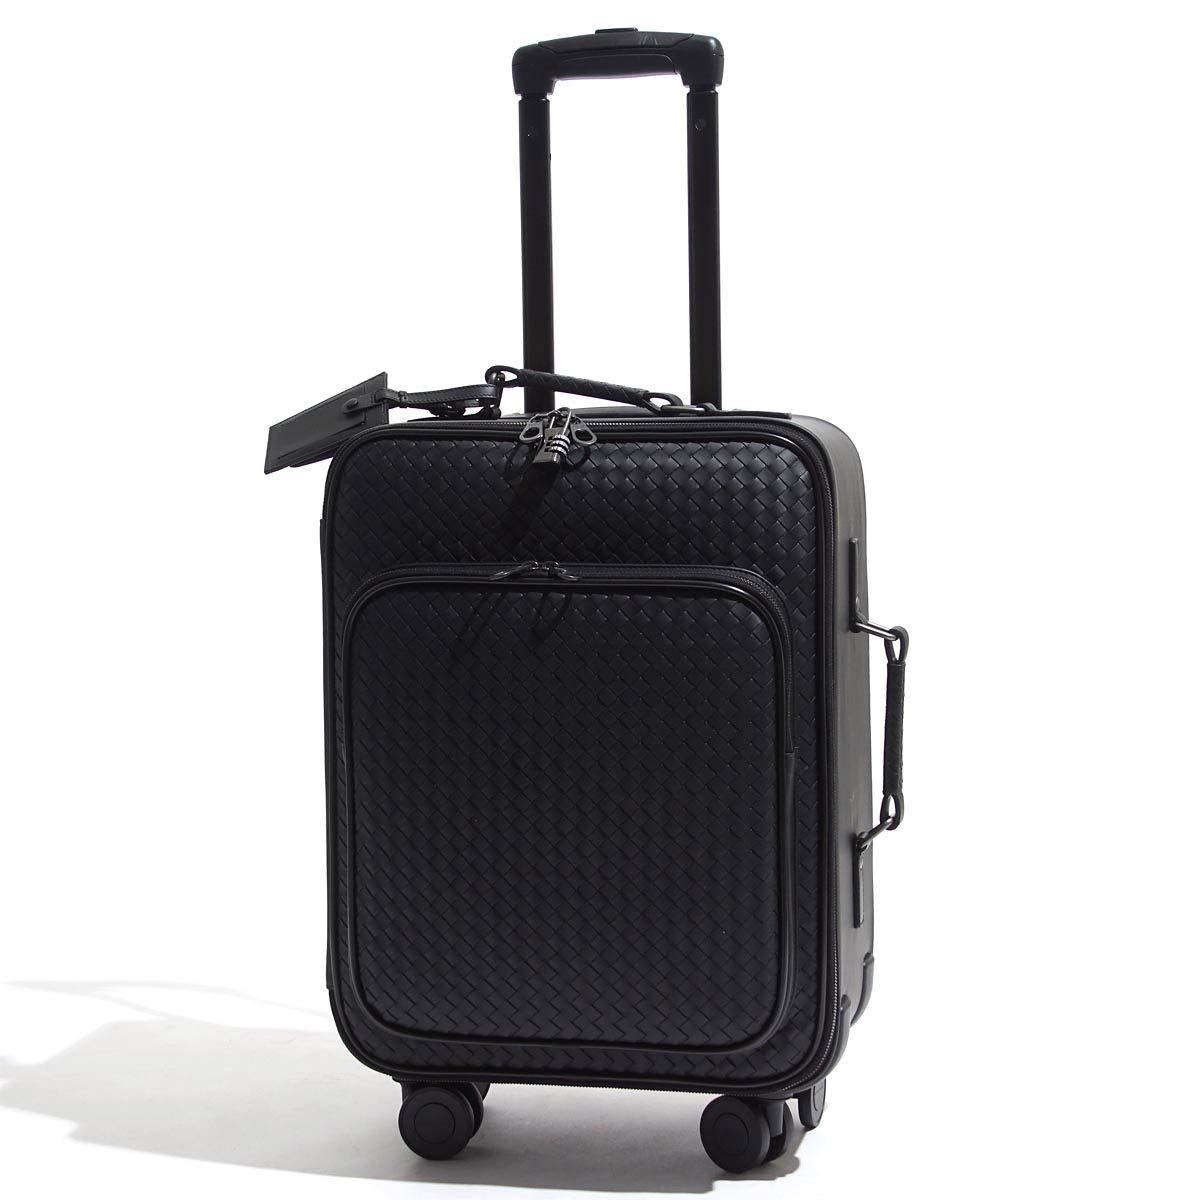 (ボッテガヴェネタ) BOTTEGA VENETA スーツケース/キャリーケース/TROLLEY INTRECCIATO VN イントレチャート VN トロリー [並行輸入品] B07NCR9JTH NERO Free